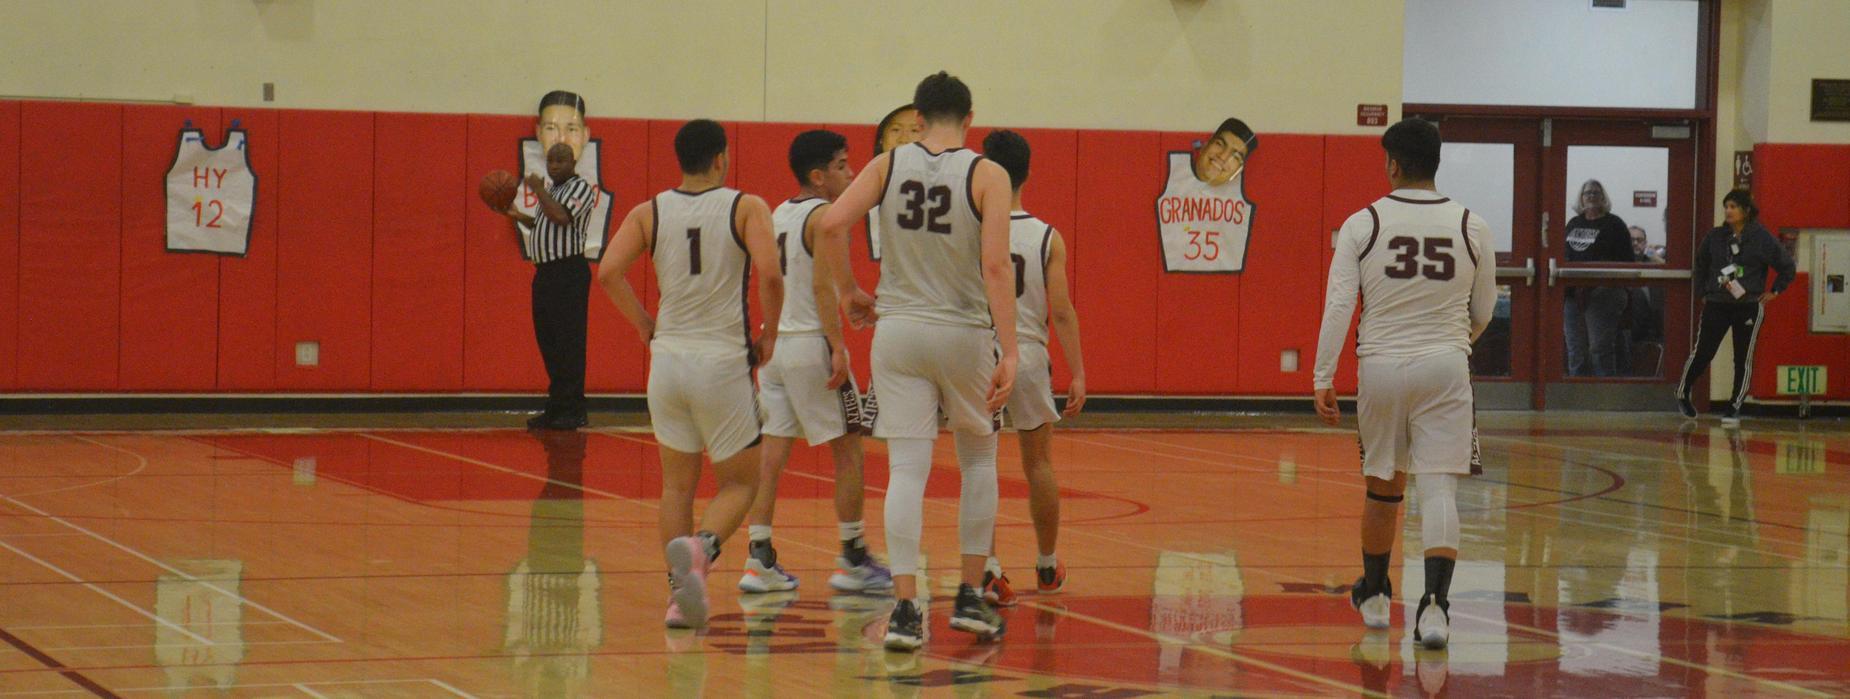 MKHS Basketball Game